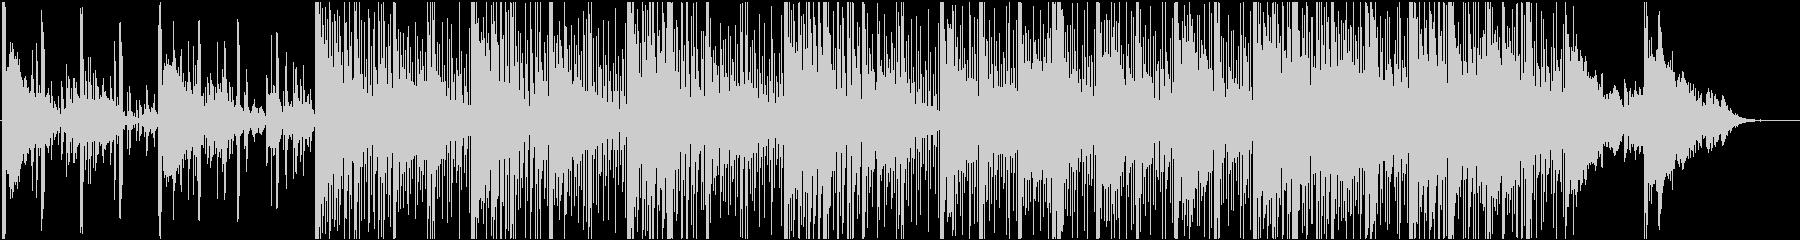 事件 問題 16bit48kHzVerの未再生の波形